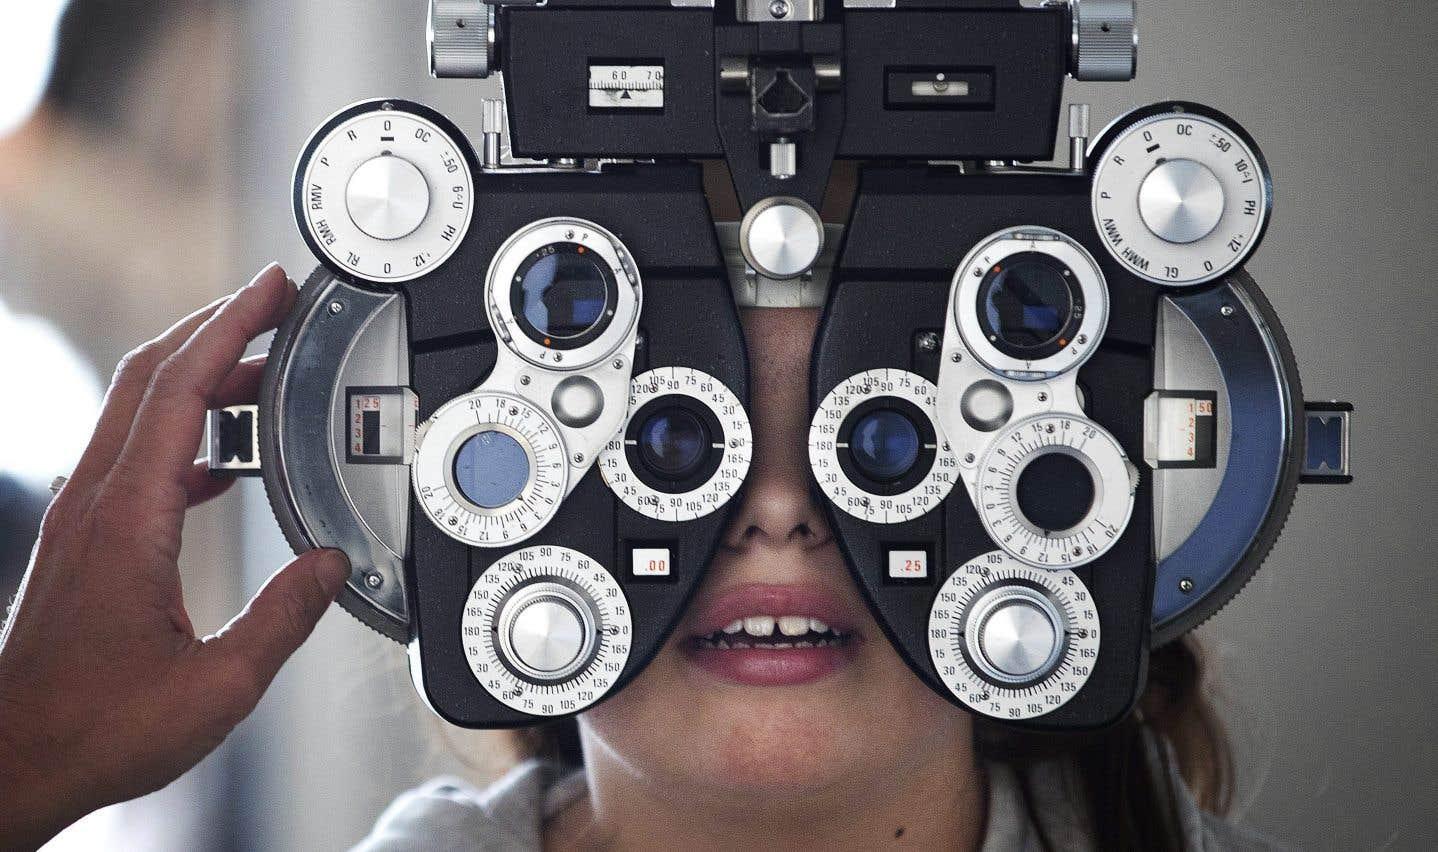 Le conflit entre Québec et les optométristes risque d'aboutir devant les tribunaux